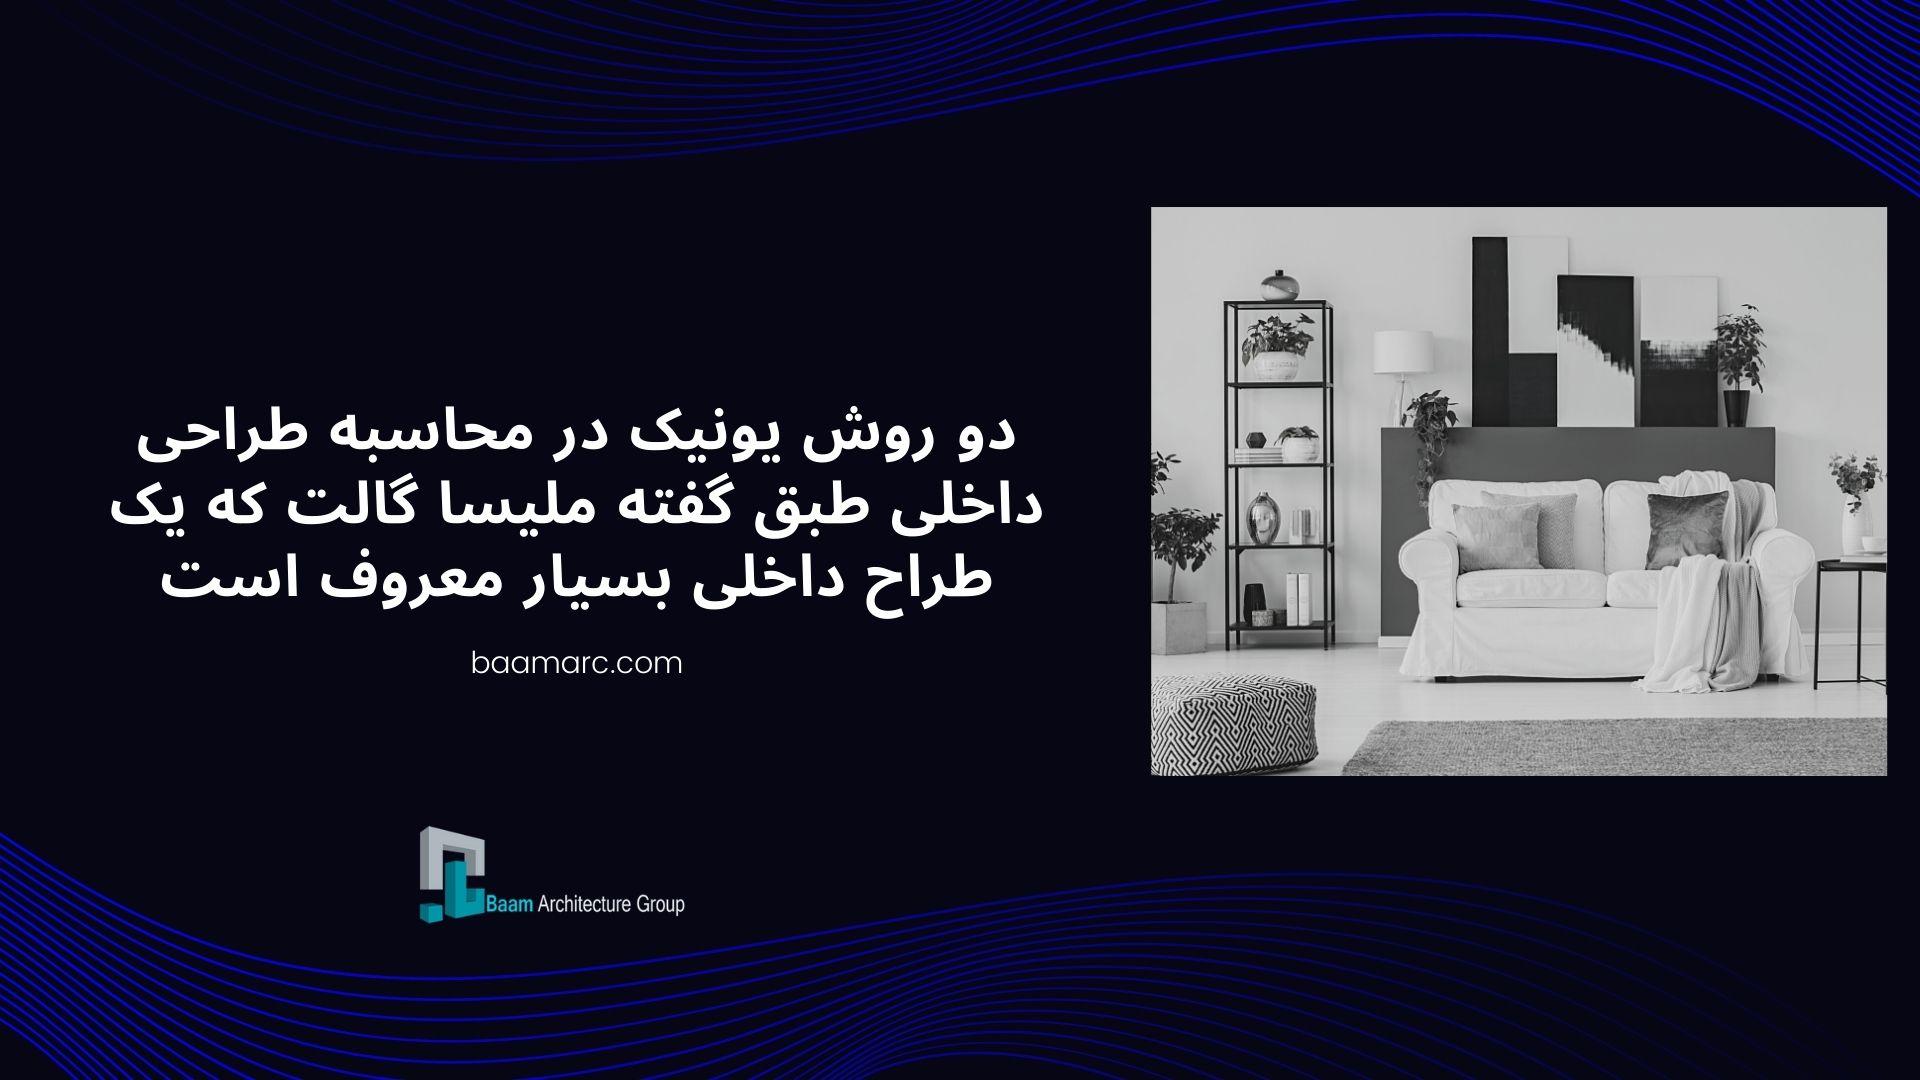 دو روش یونیک در محاسبه طراحی داخلی طبق گفته ملیسا گالت که یک طراح داخلی بسیار معروف است: